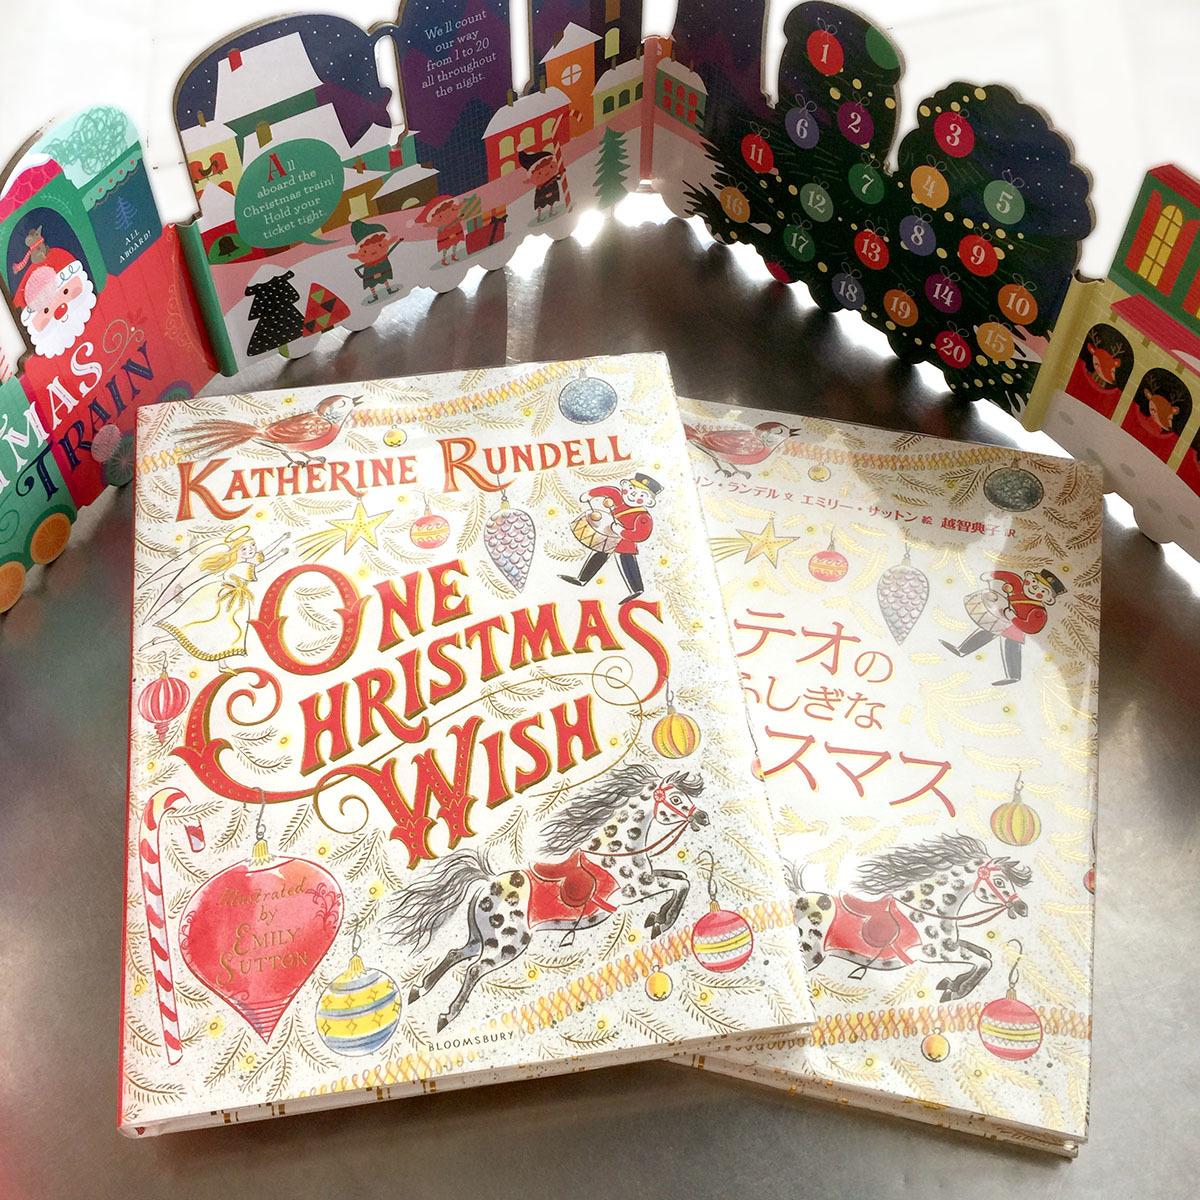 テオのふしぎなクリスマス(大人のための絵本講座)_d0137603_16492071.jpg